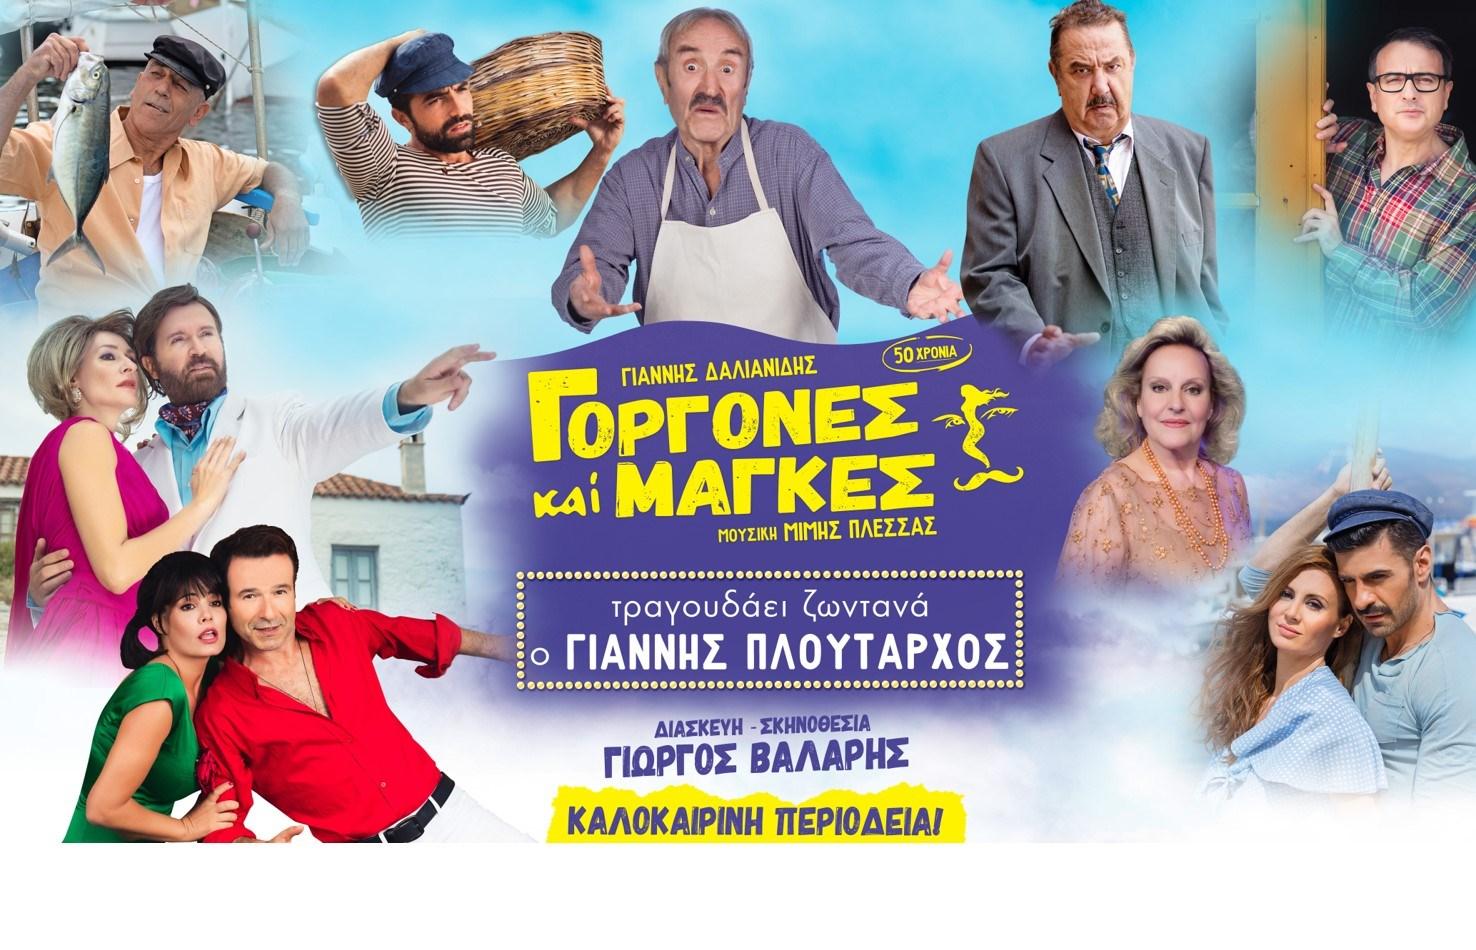 ΓΟΡΓΟΝΕΣ ΚΑΙ ΜΑΓΚΕΣ: 12€ από 23€ για είσοδο στη μεγαλύτερη θεατρική επιτυχία της χρονιάς, στα μεγαλύτερα θέατρα της Αττικής (Πέτρας, Βεάκειο, Κατράκειο, Κηποθέατρο Παπάγου, Νταμάρι Βριλησσίων, Ευριπίδειο)! ...Η τιμή ισχύει ΜΟΝΟ για τα πρώτα 400 εισιτήρια! εικόνα